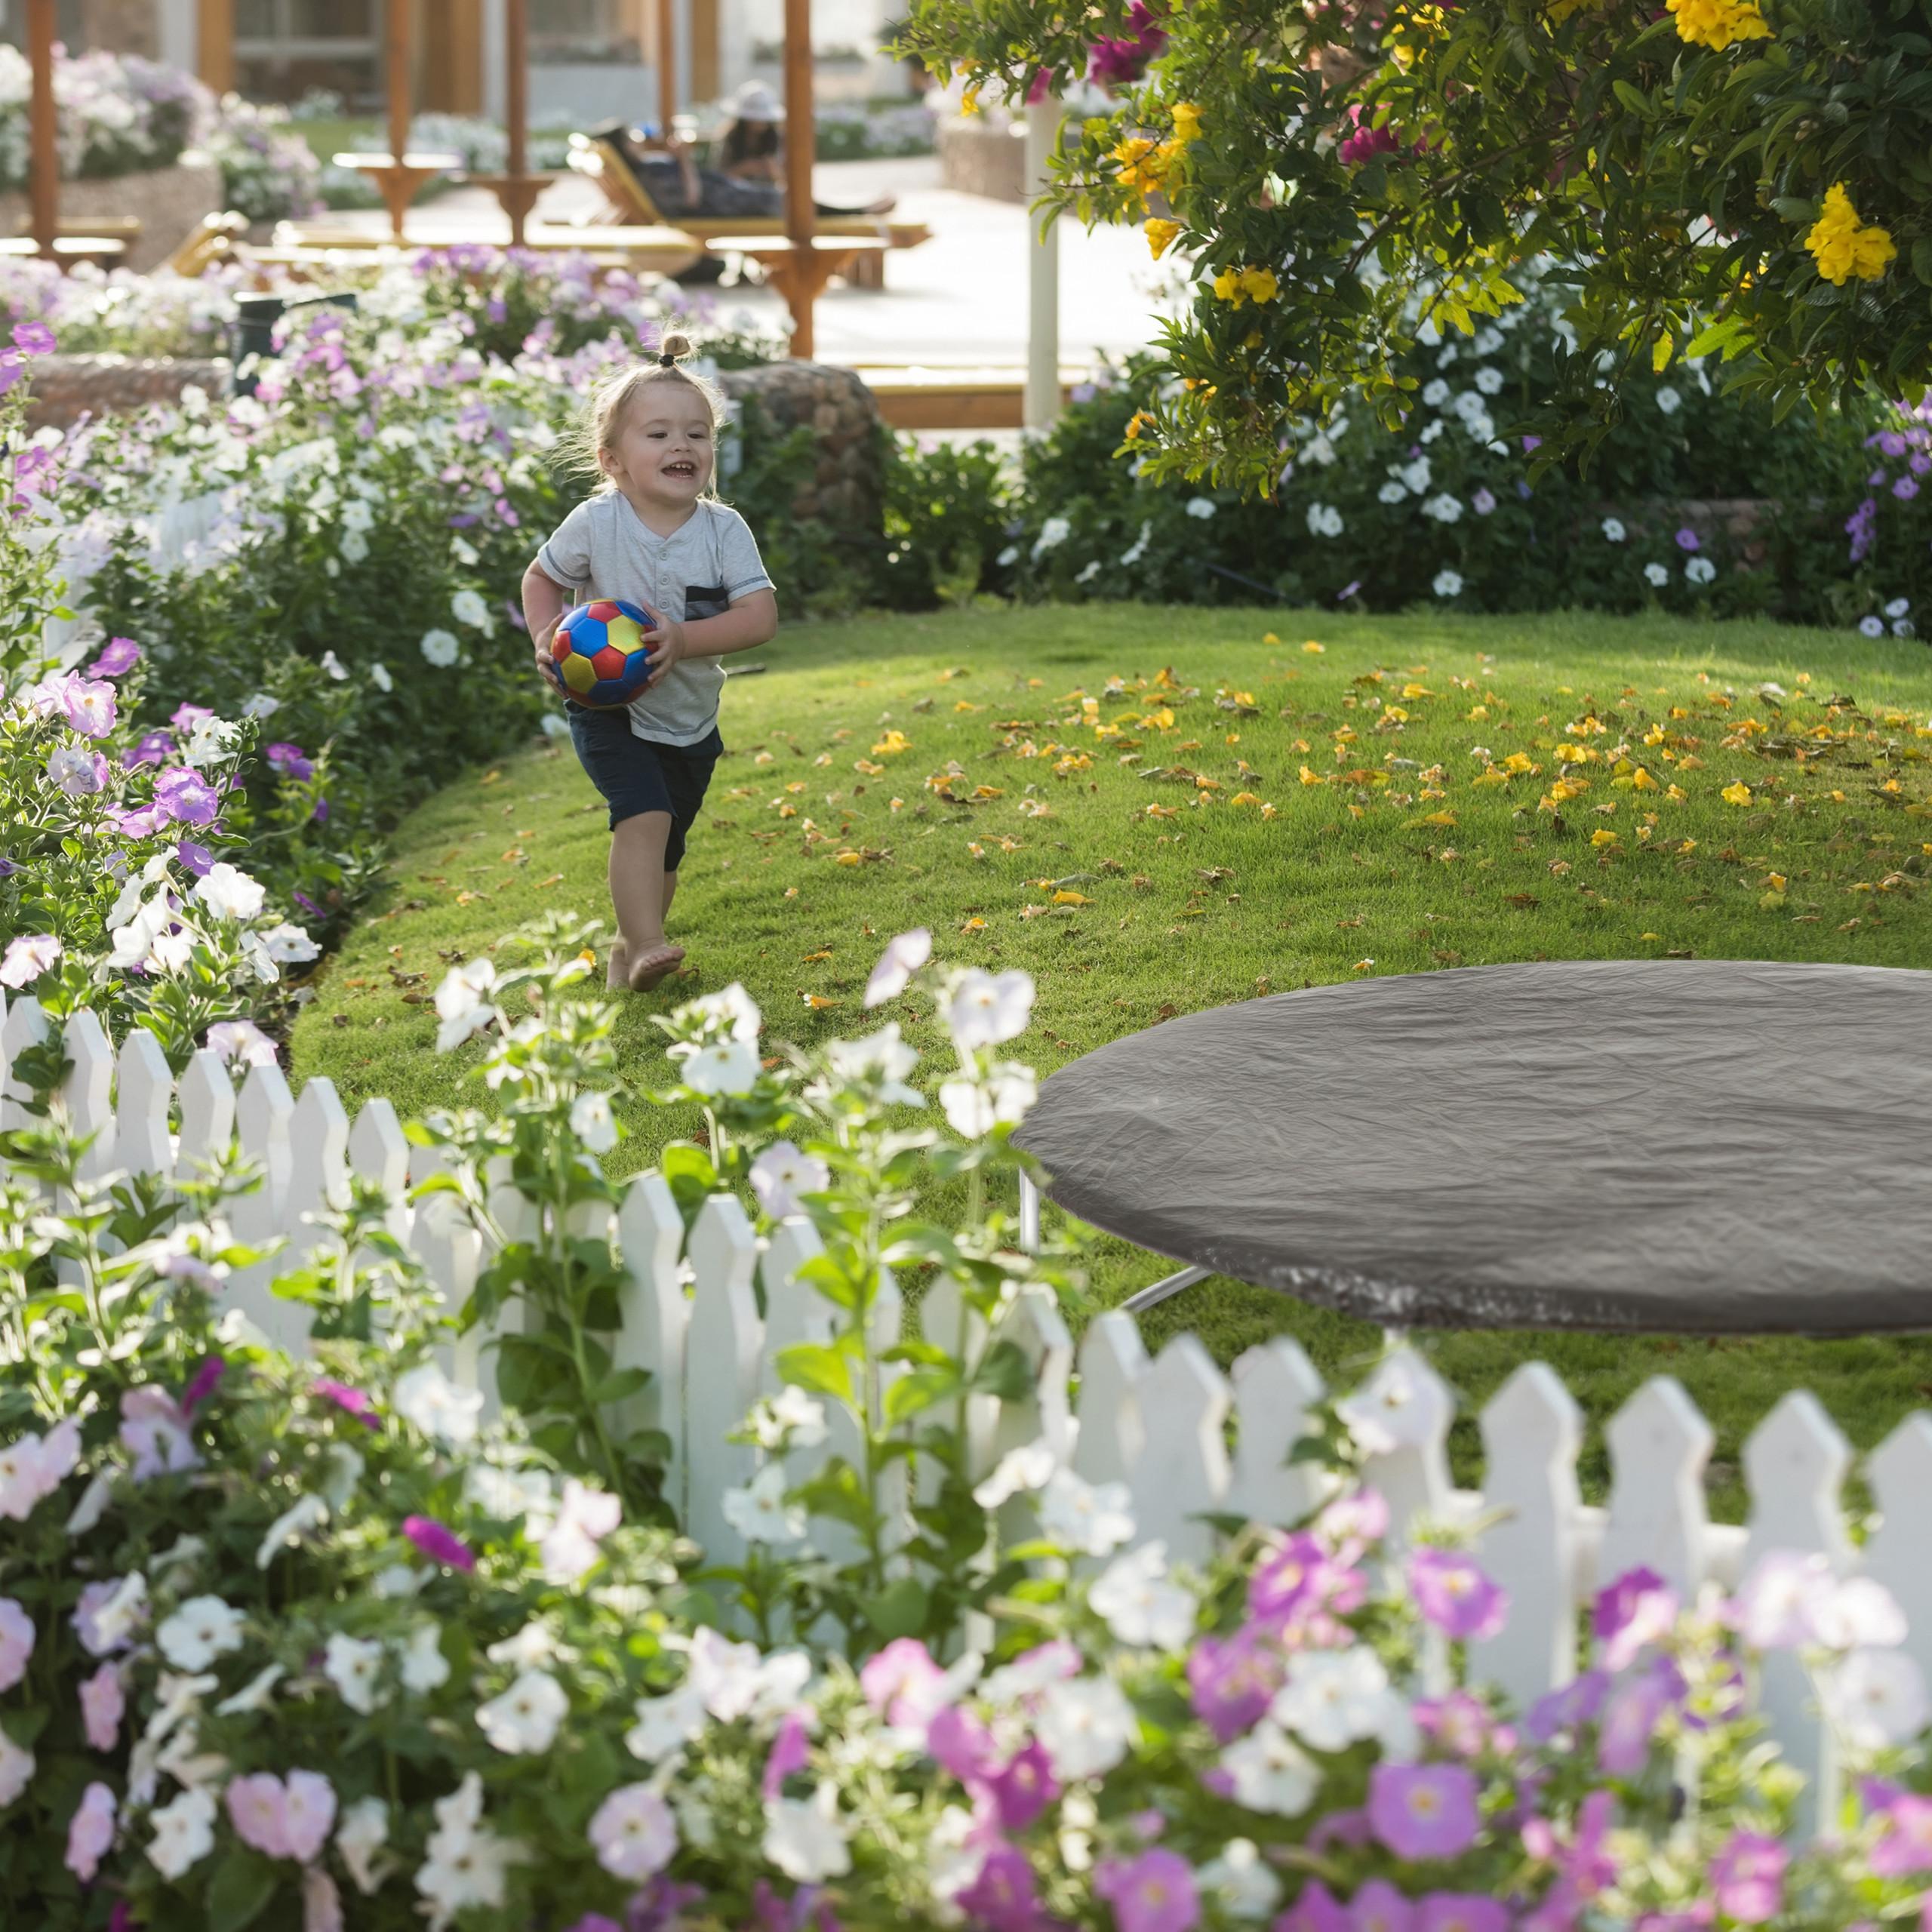 Housse-de-Protection-pour-Trampoline-Bache-pluie-vent-jardin-intemperies miniature 4